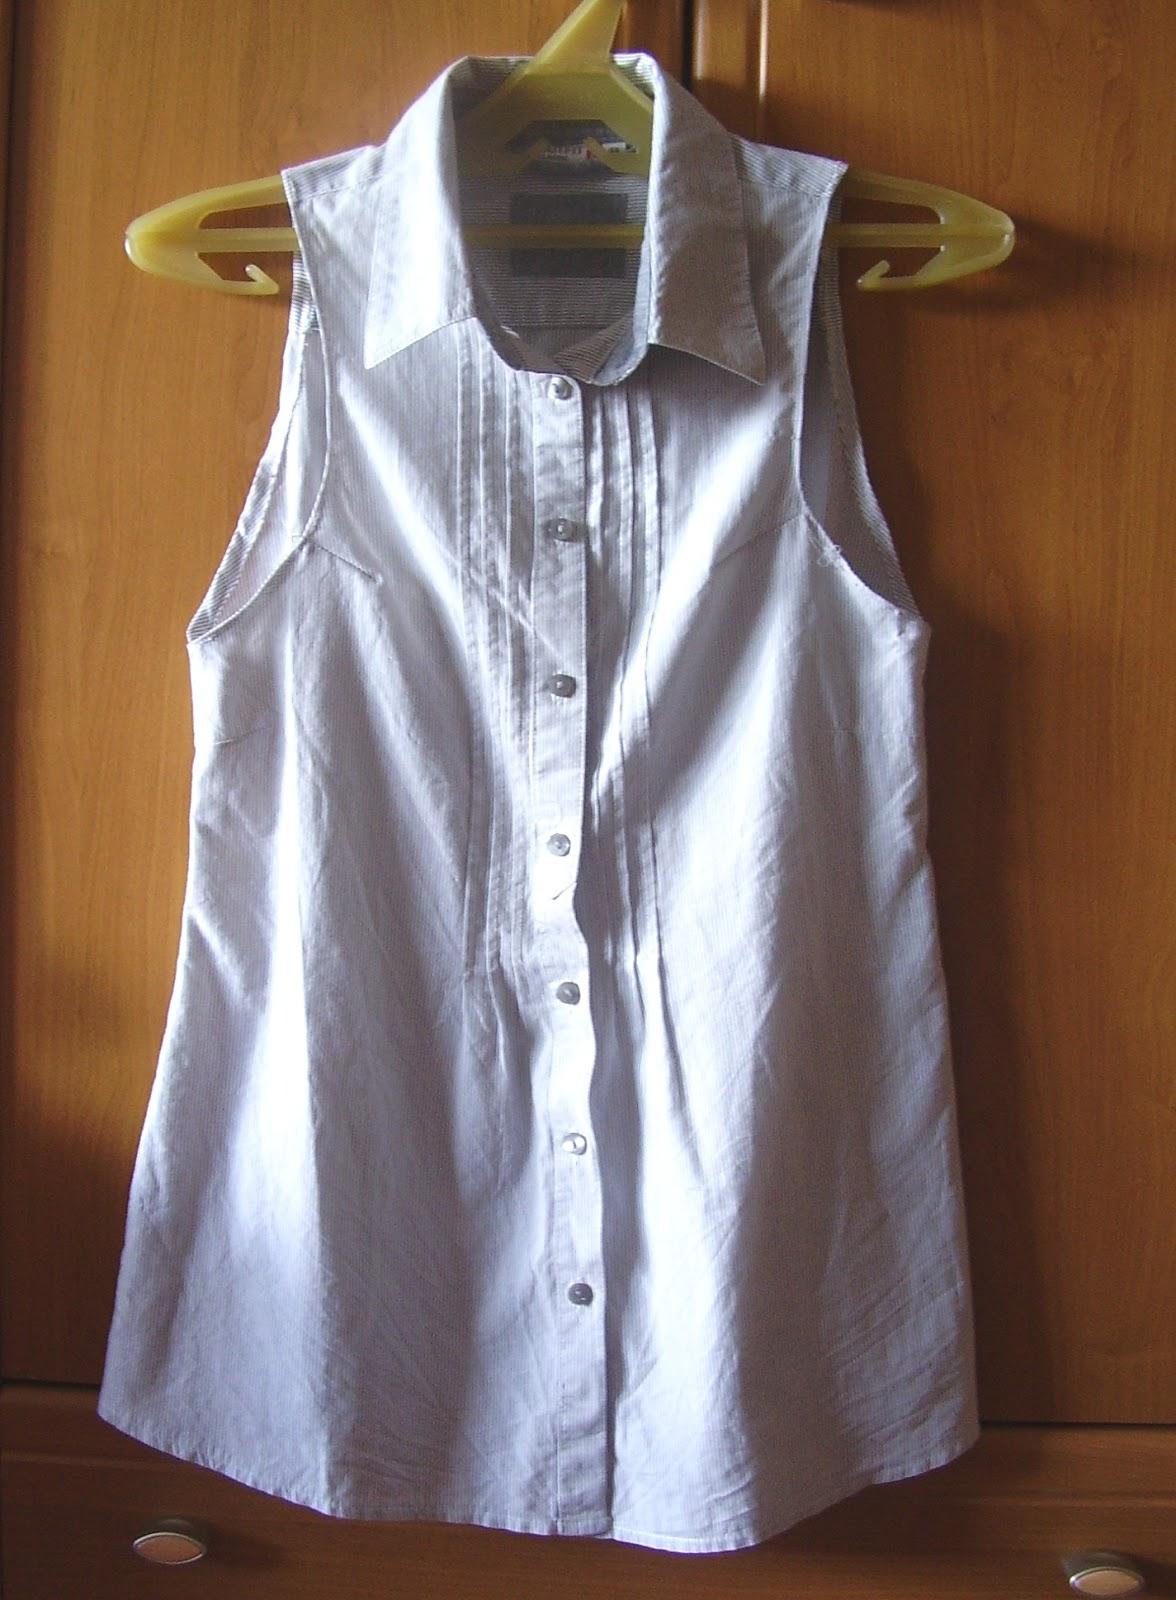 Мастер-класс:шить из рубашки платье своими руками в домашних 66